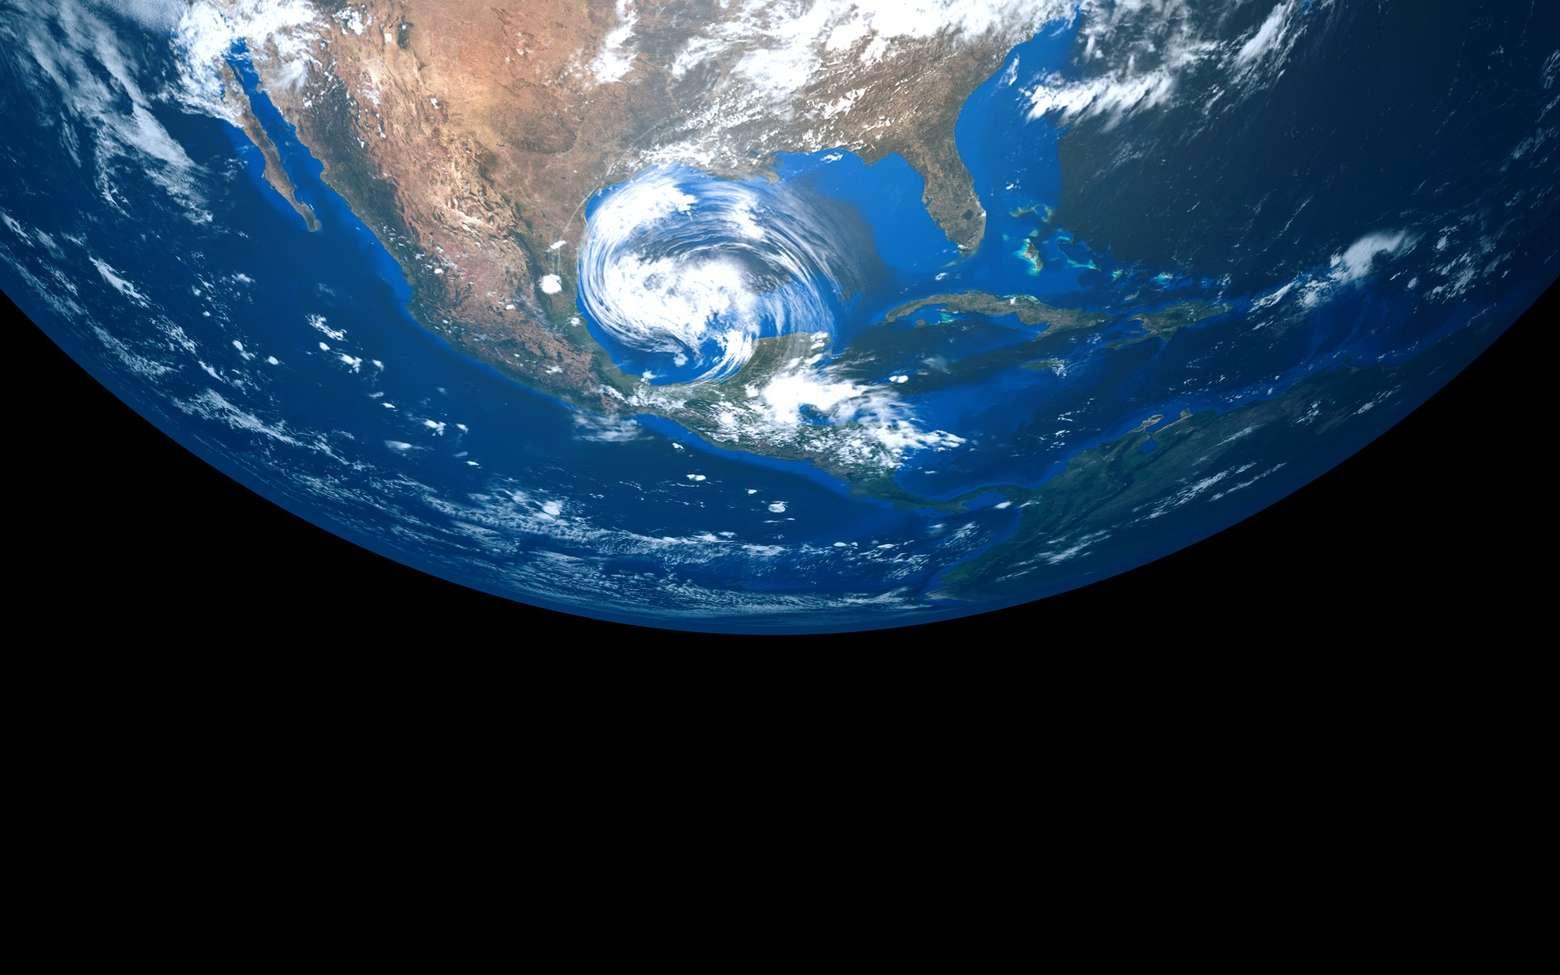 Parfois, les ouragans se renforcent lorsqu'ils atteignent les côtes terrestres. L'humidité des sols ainsi qu'une atmosphère dont la température est homogène permettent à la dépression de pomper suffisamment d'énergie pour se déplacer sur des centaines de kilomètres à l'intérieur des terres. © Sasa Kadrijevic, Fotolia